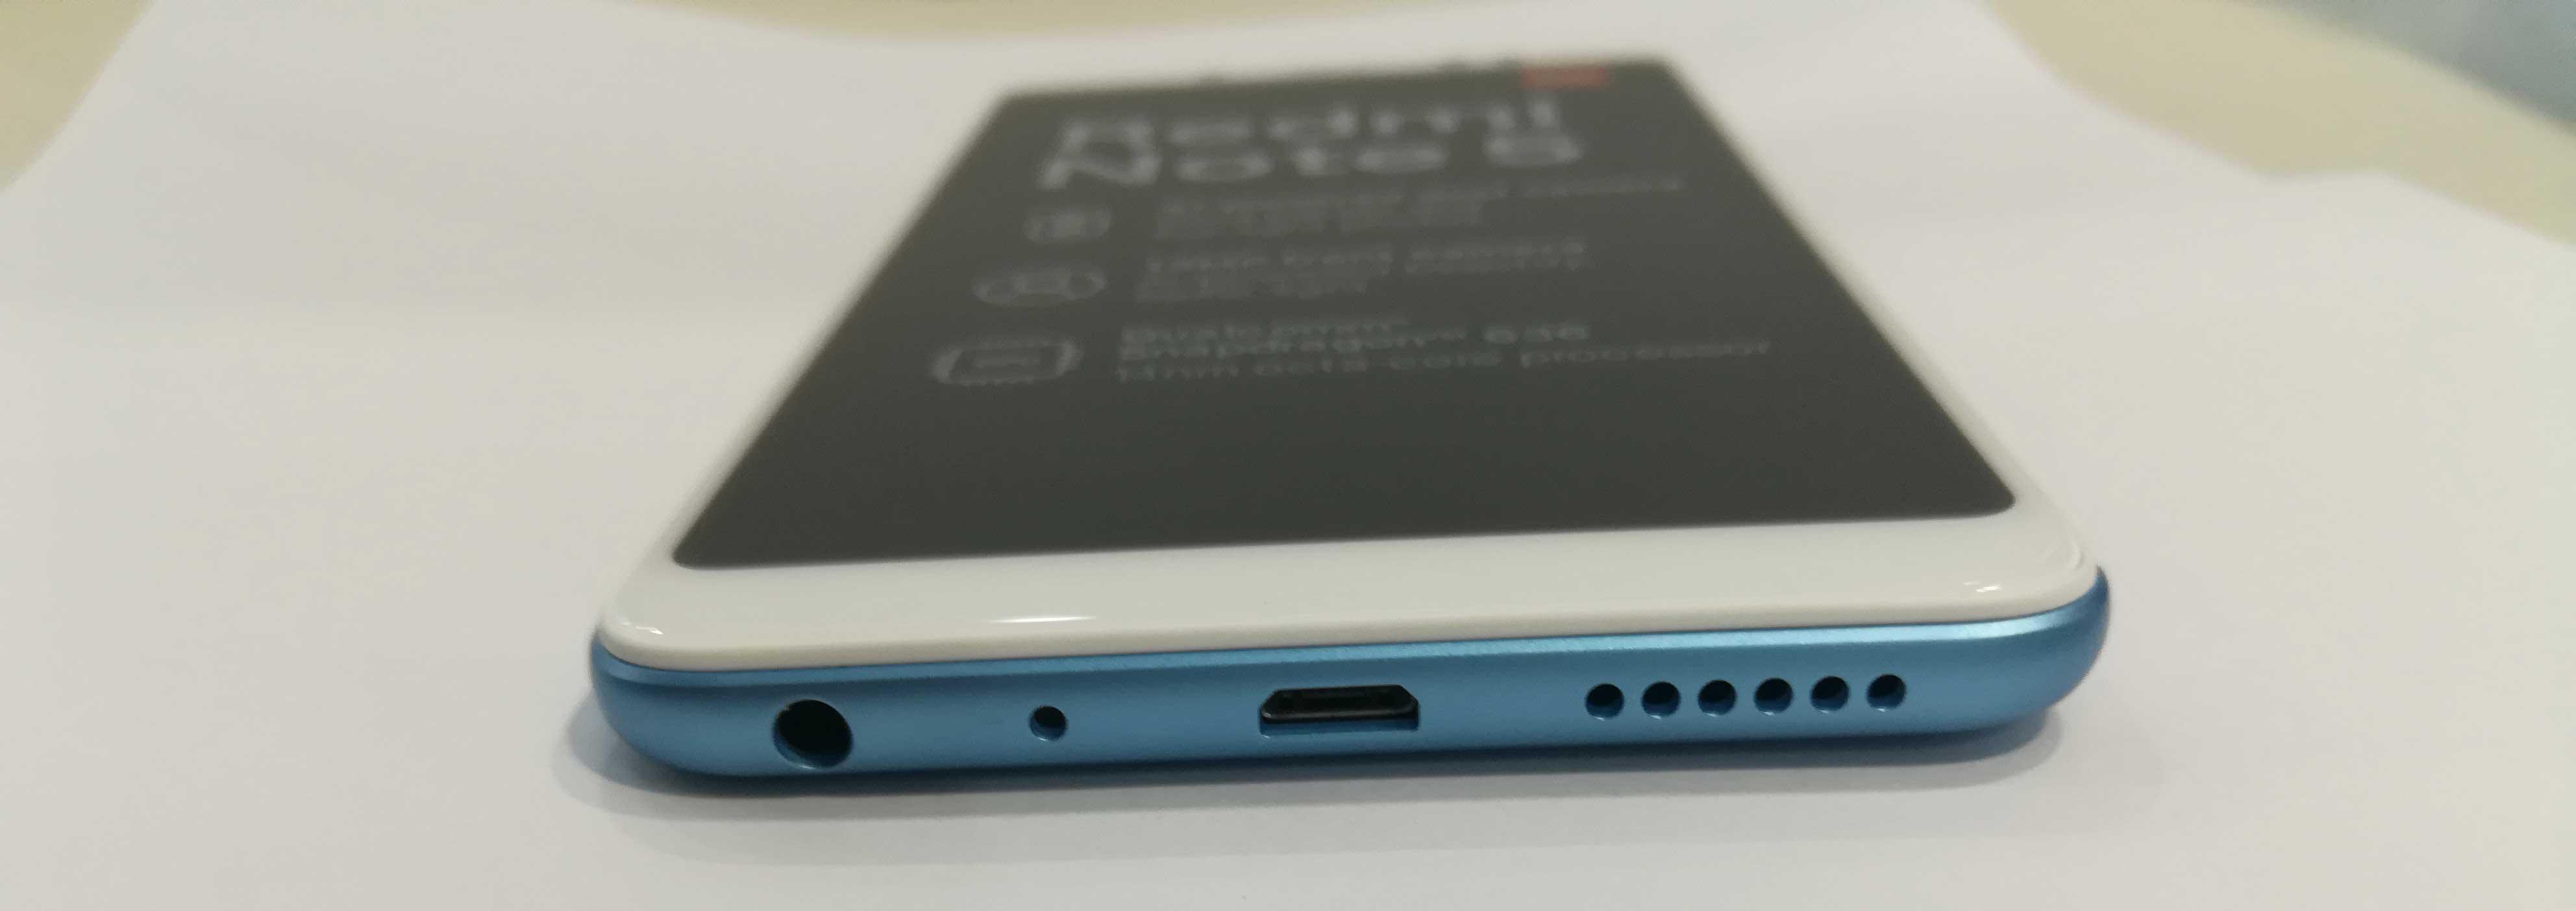 MI Redmi Note 5 images